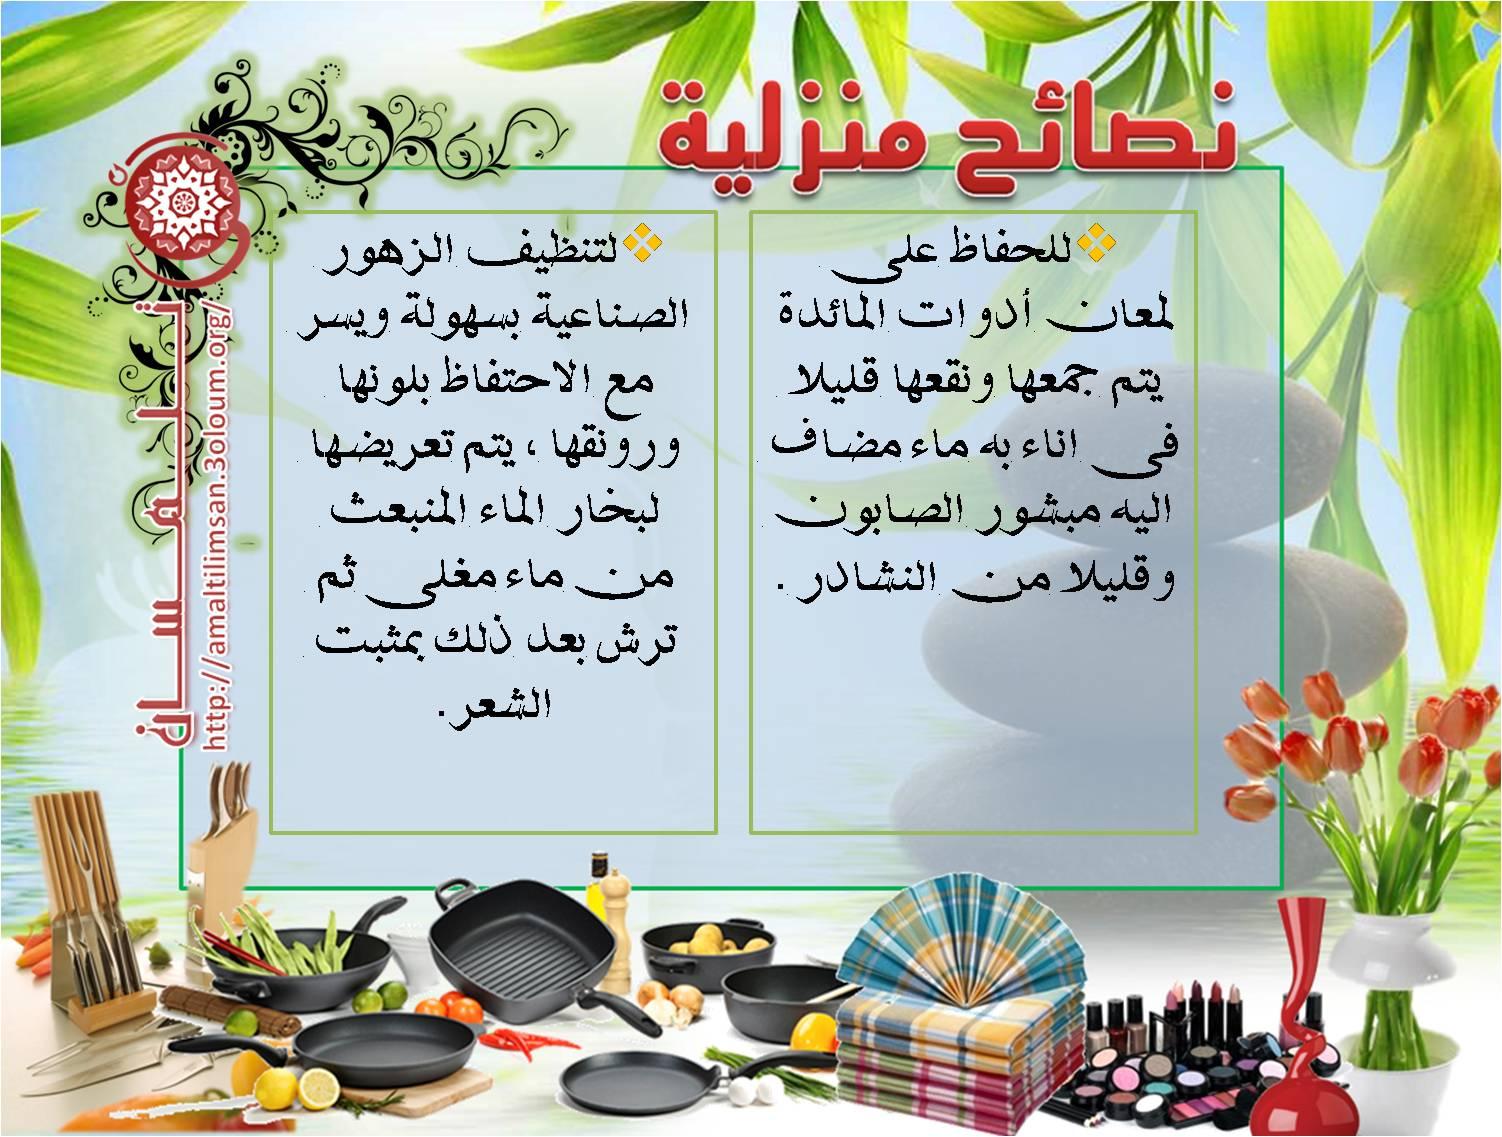 نصائح منزلية لحواء في بيتها  اليوم الثاني  2011 Image220